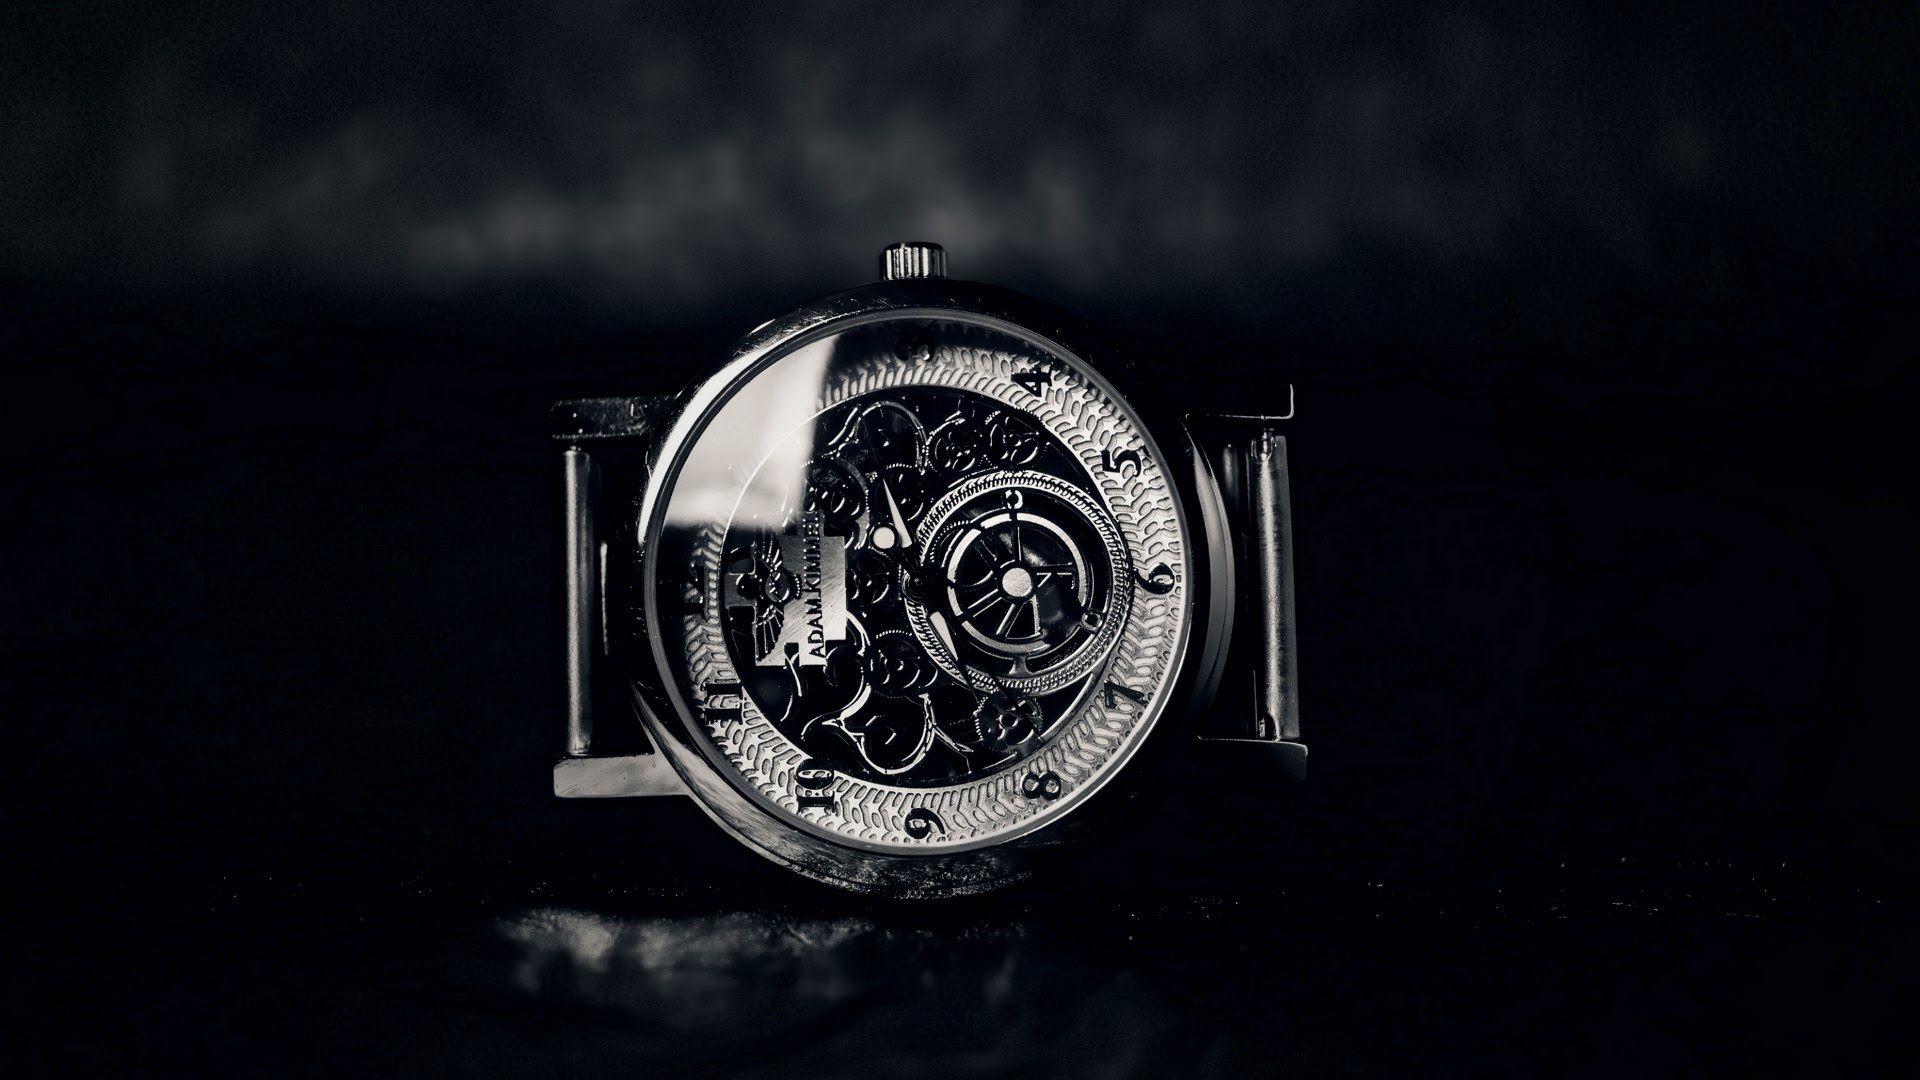 Luxury Watch Luxury Watch wallpaper desktopwallpaper 1920x1080